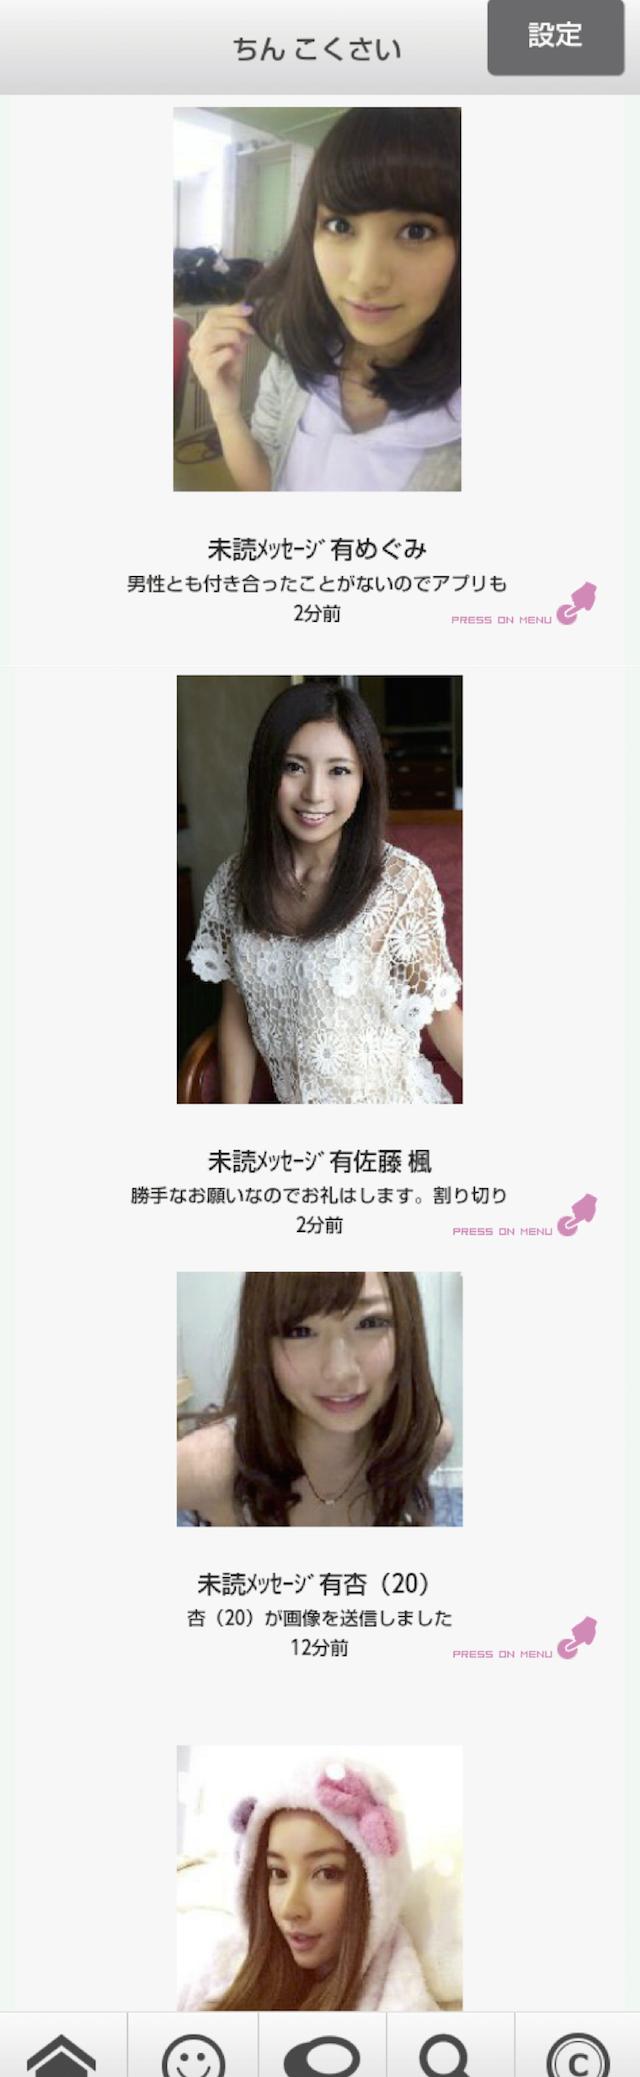 ドキドキ生チャット_アプリ3